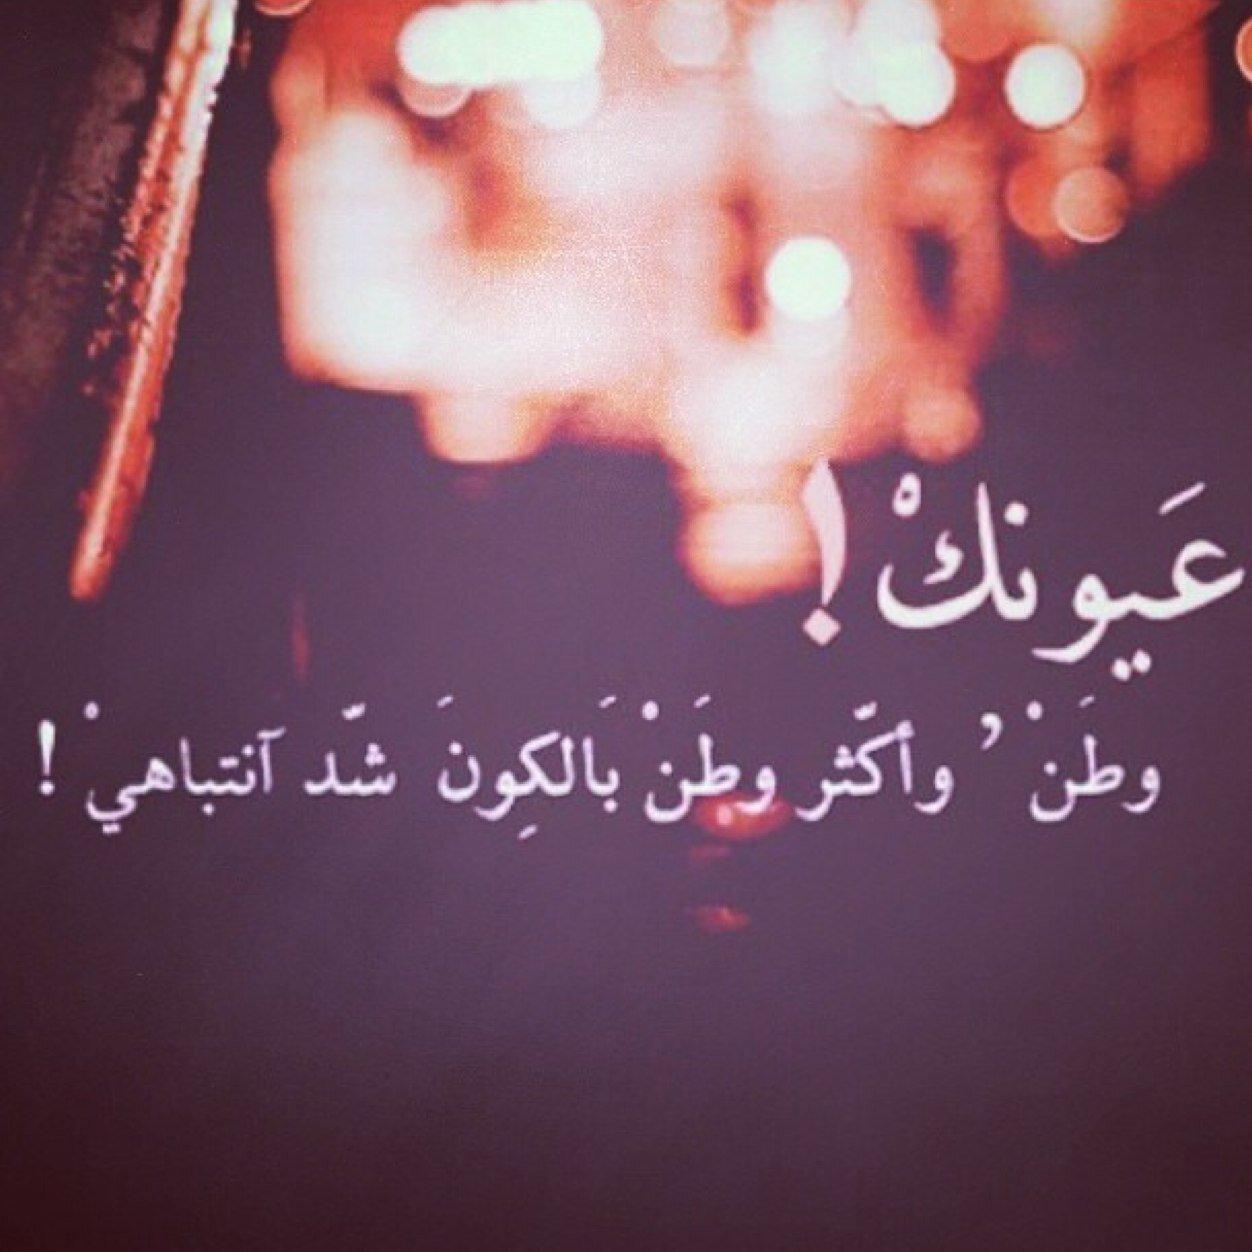 صورة كلمات عيونك اخر امالي , اجمل اغاني عبادي الجوهر